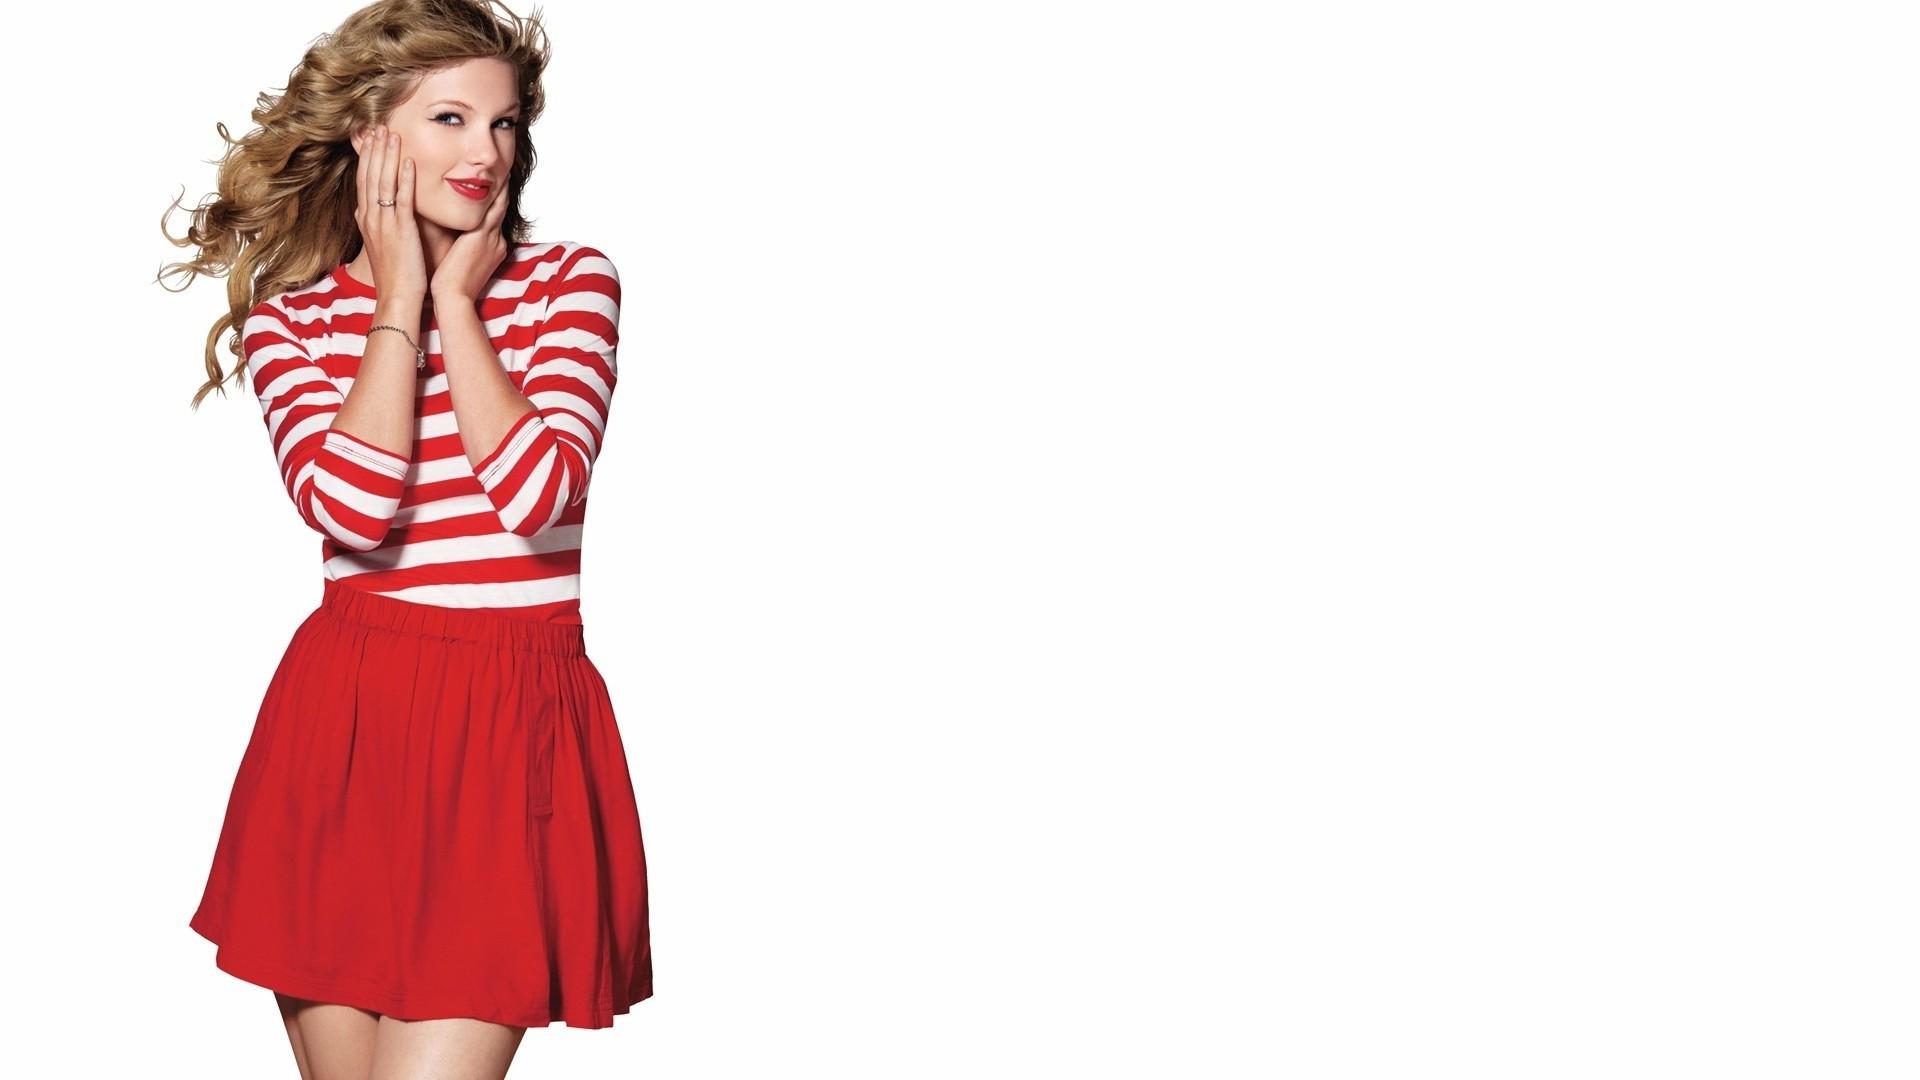 Hintergrundbilder : blond, Berühmtheit, Kleid, Muster, Taylor Swift ...